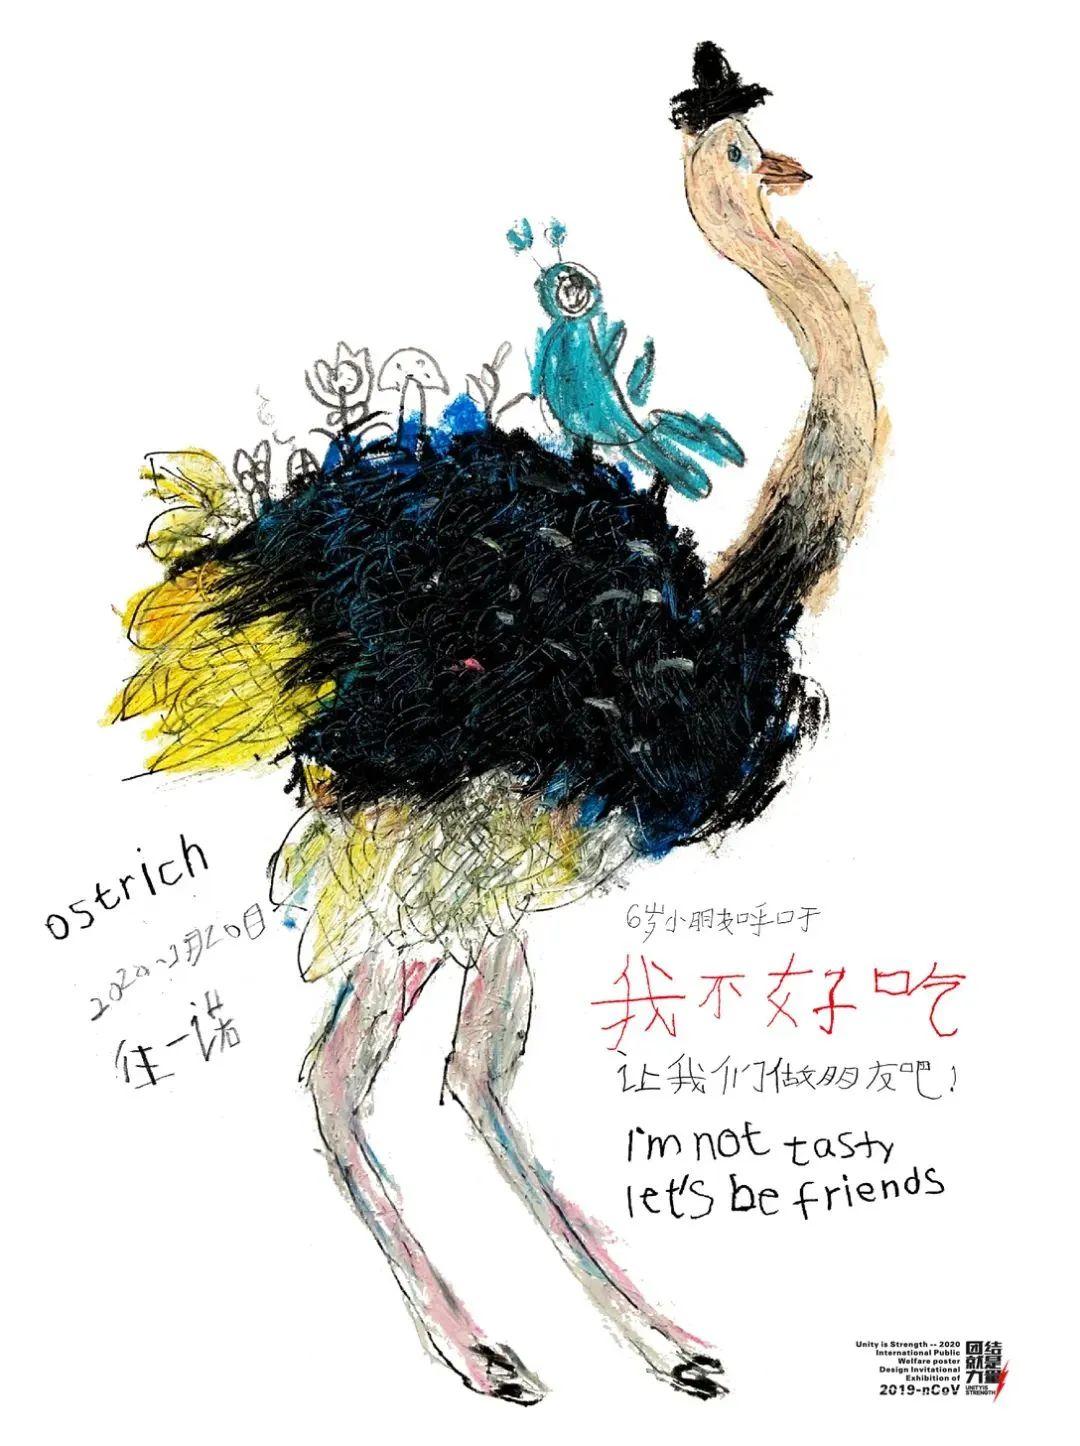 6岁蒙古族小设计师用插画拯救野生动物,为抗疫助力! 第47张